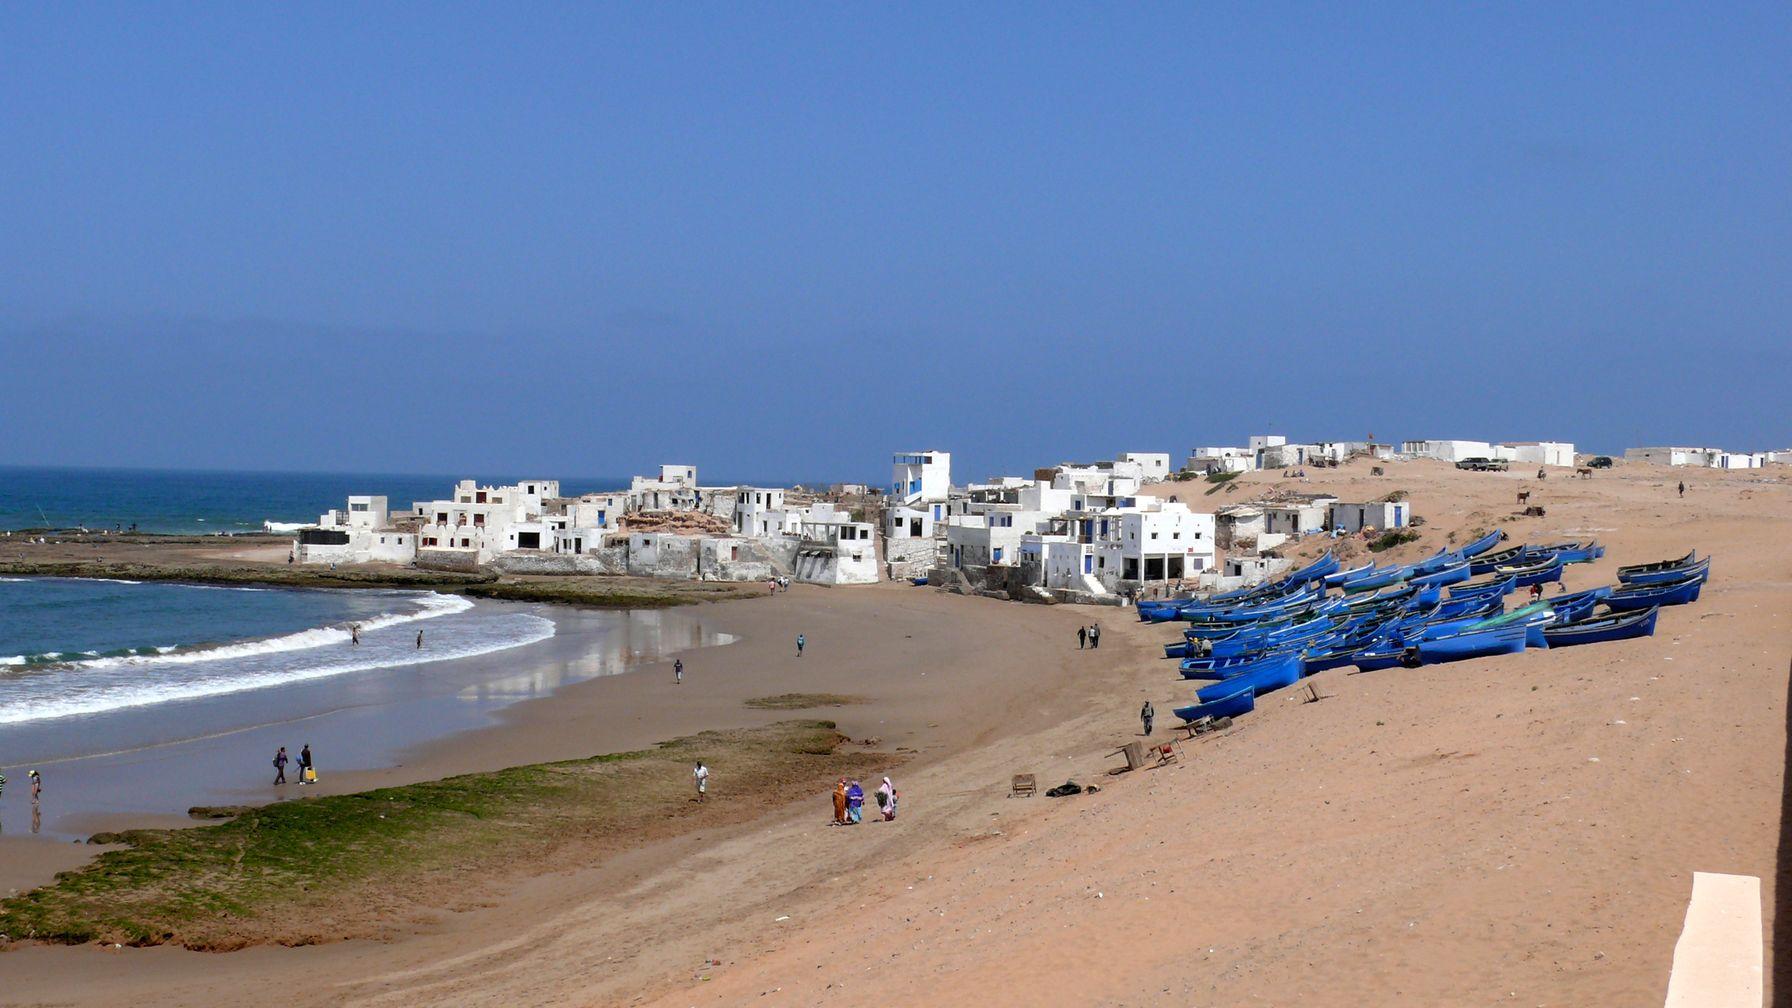 chleuhs - La plage des Chleuhs - Page 2 P1130144